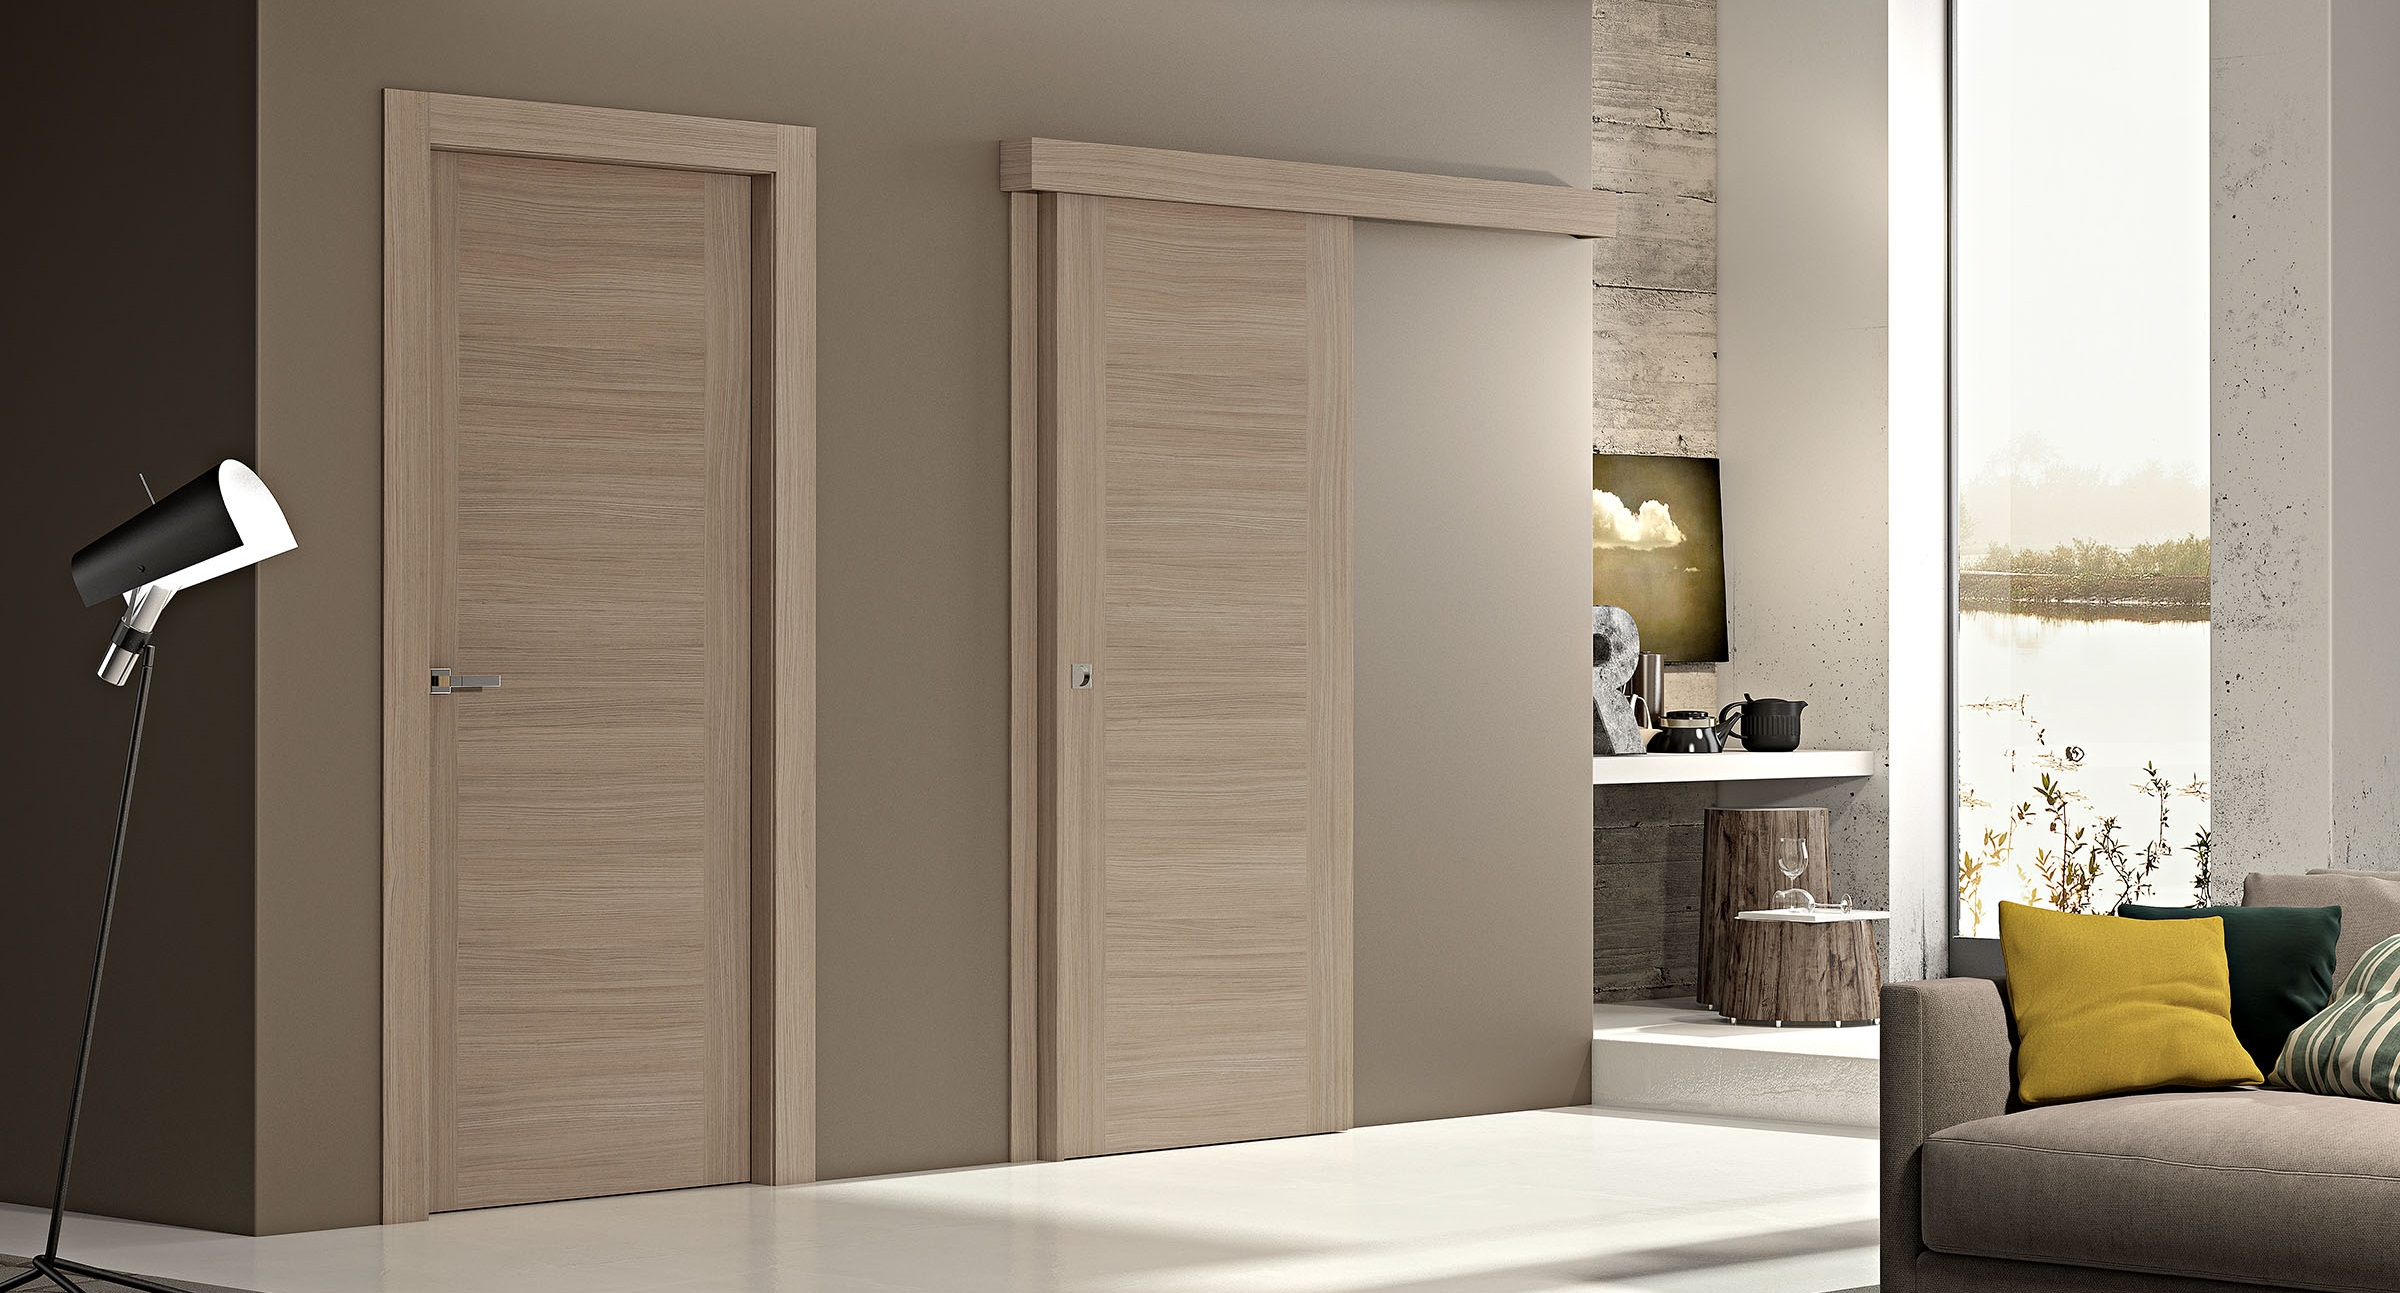 дверь в интерьере квартиры